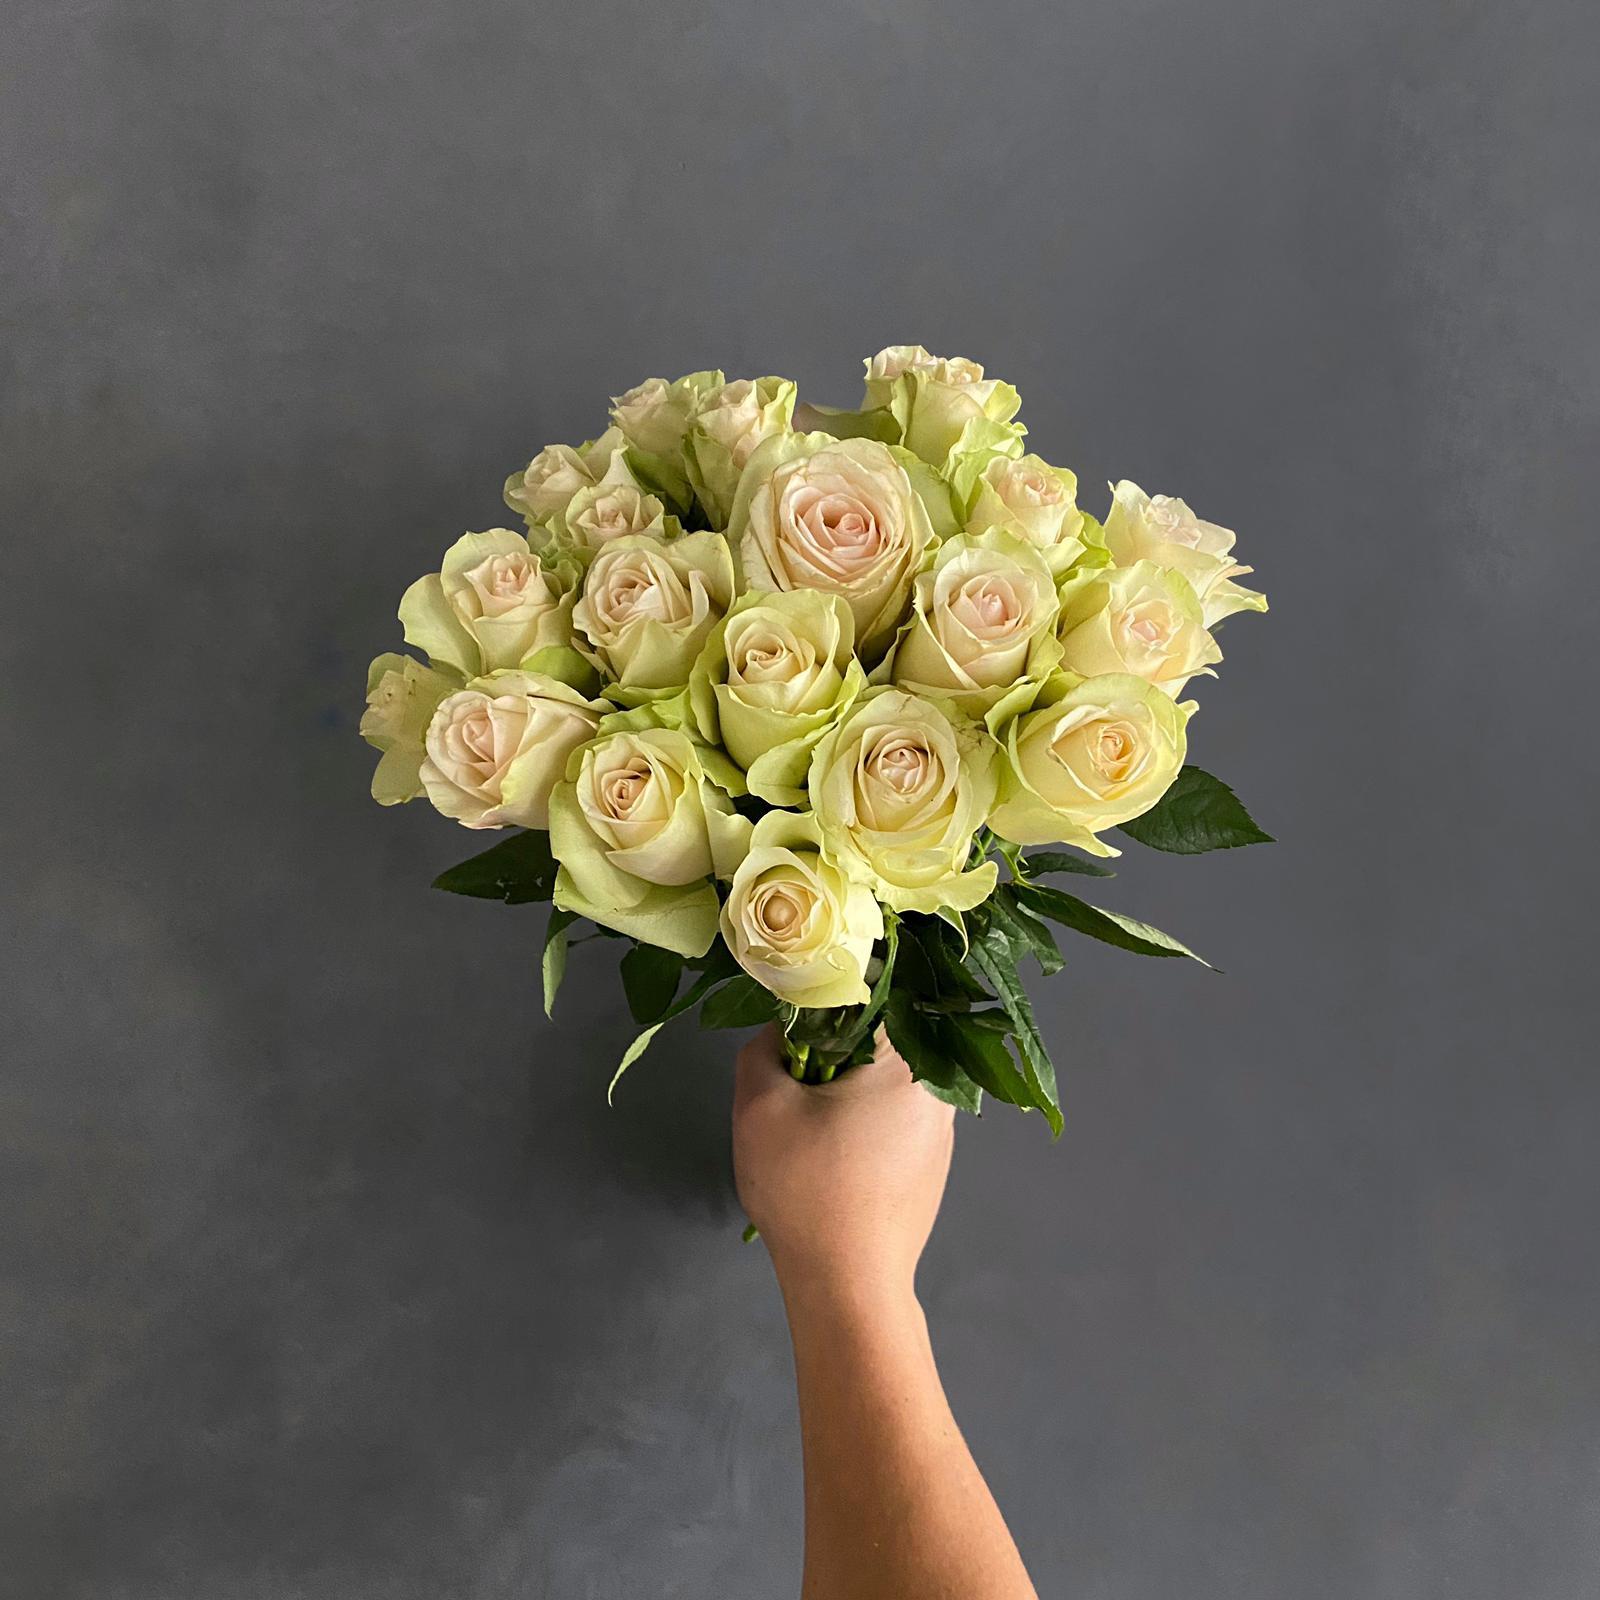 زهور خوخي ' الزهور بالجملة'